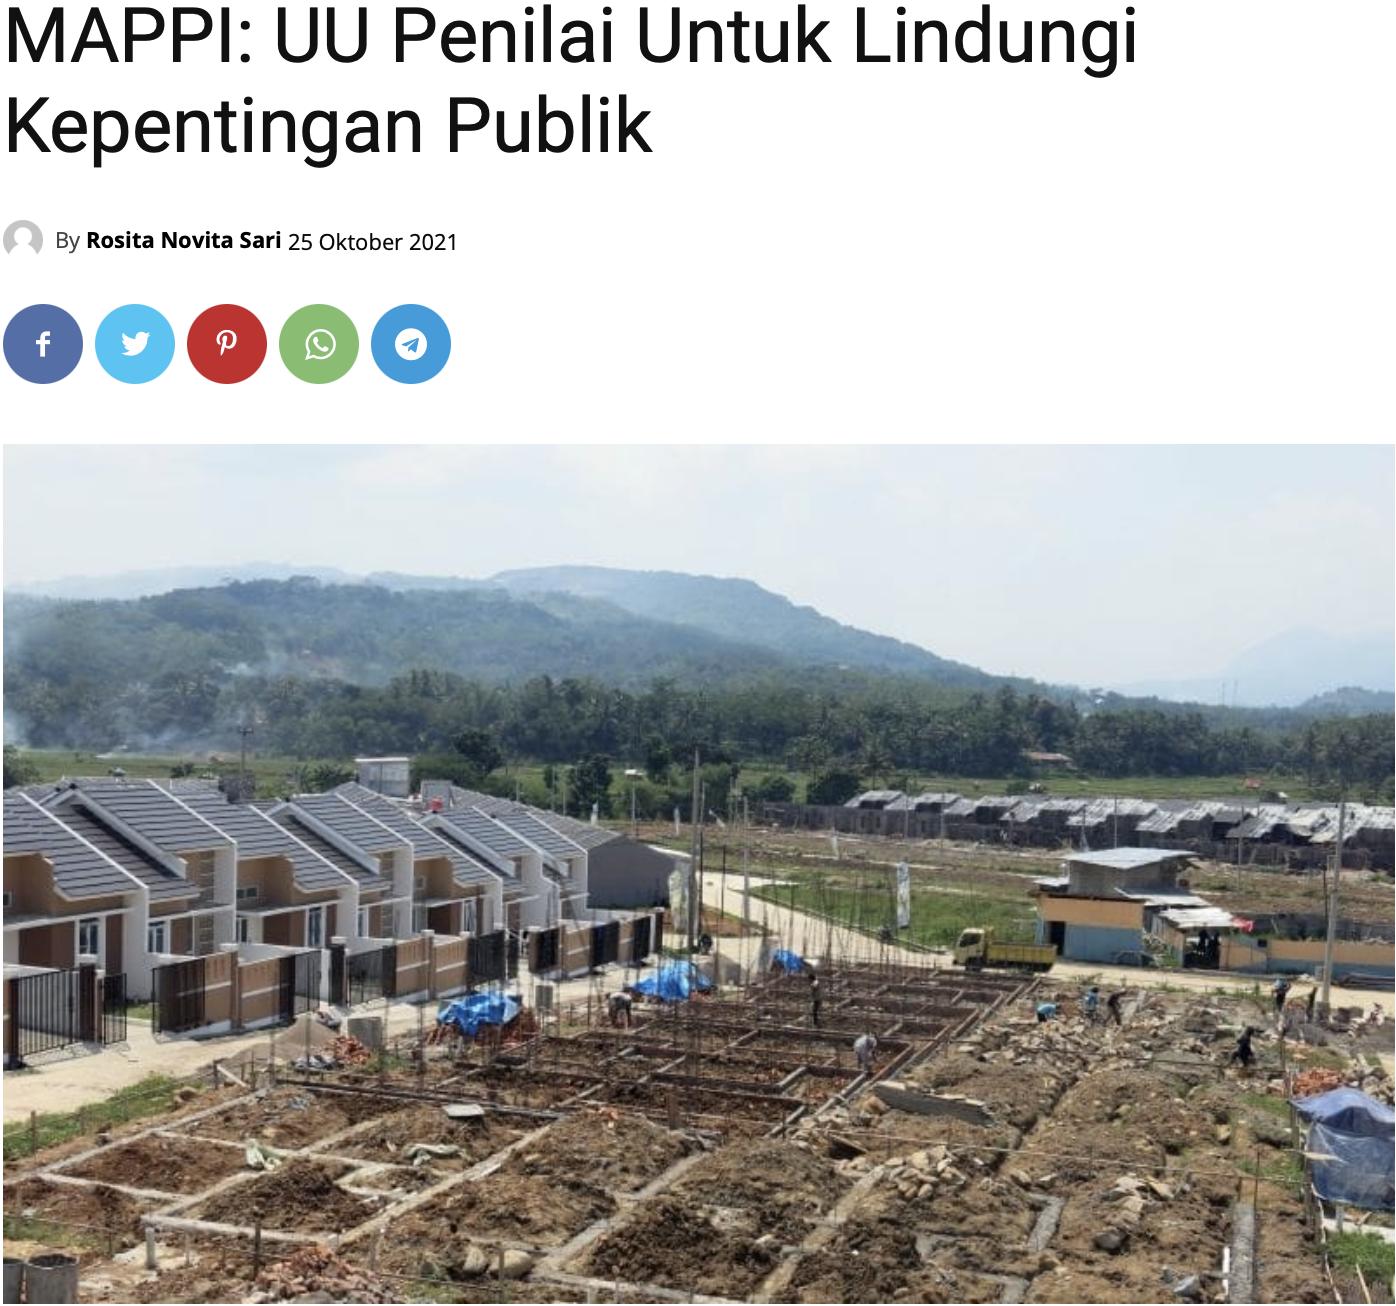 MAPPI: UU Penilai Untuk Lindungi Kepentingan Publik